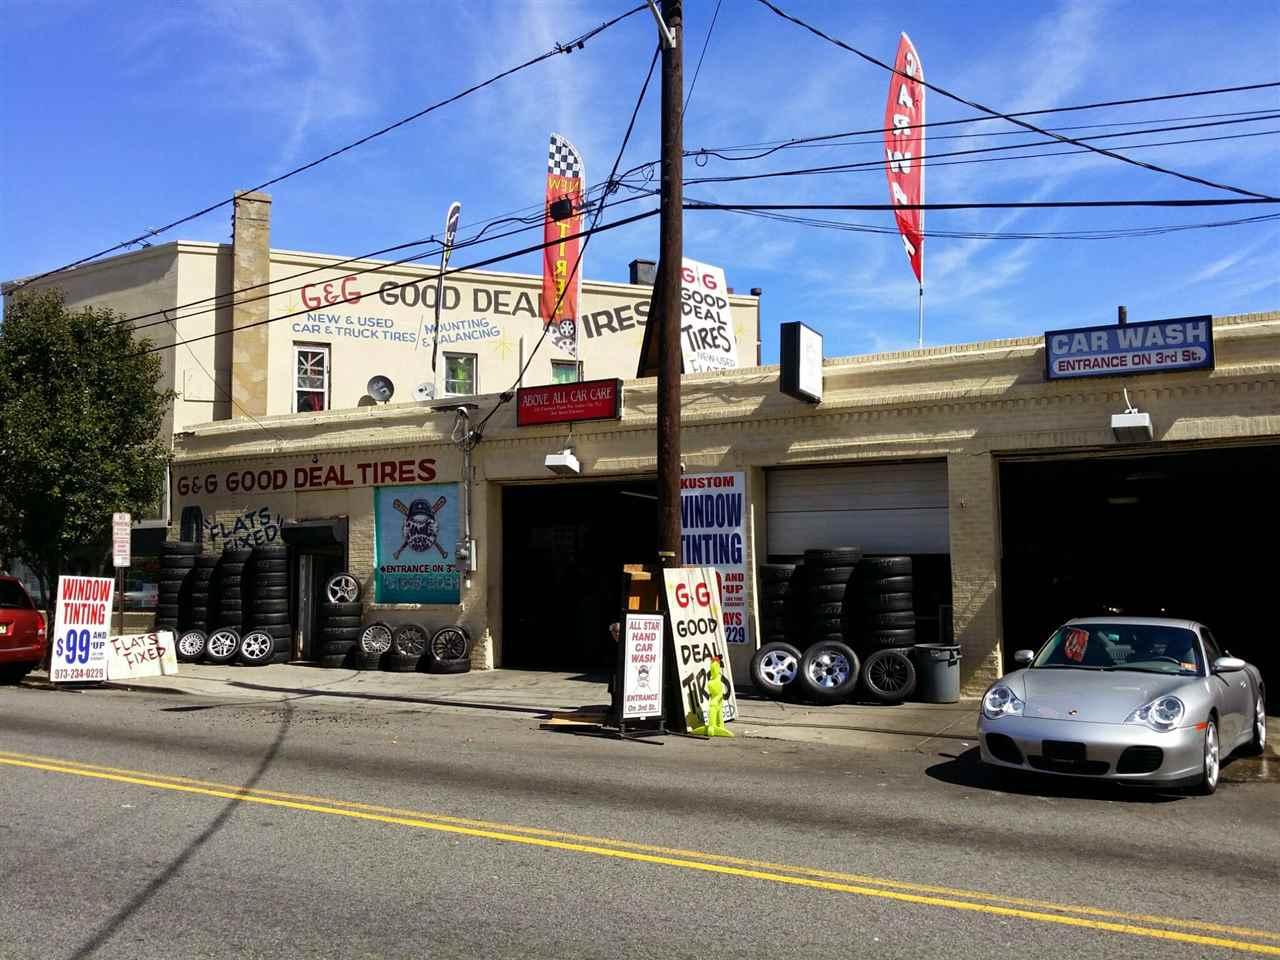 212 PATERSON PLANK RD, Union City, NJ 07087